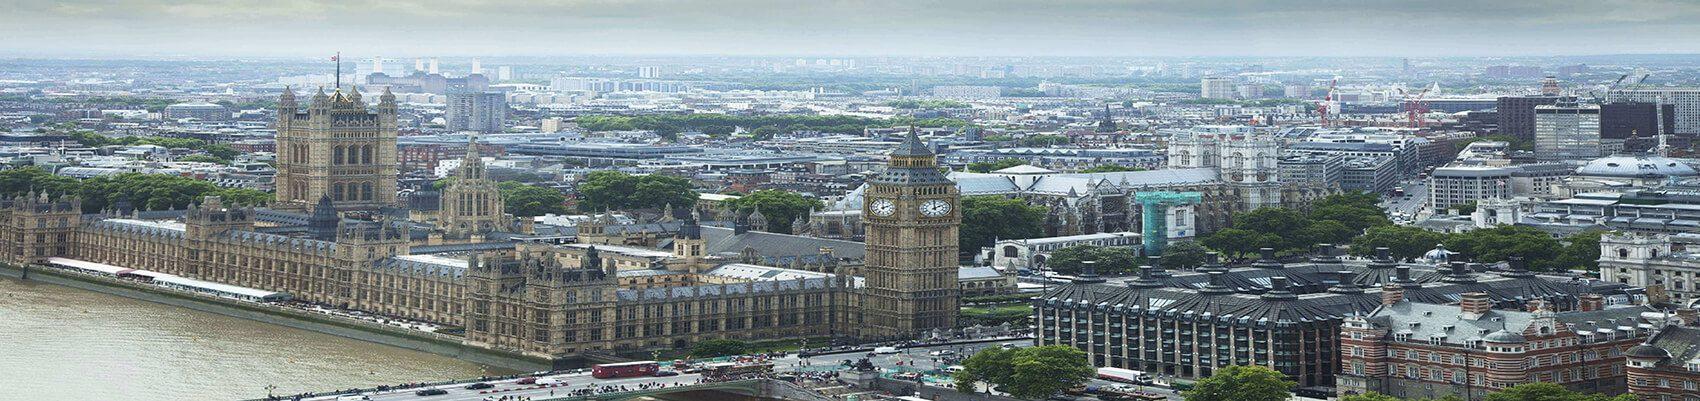 السياحة فى لندن: أفضل الأماكن السياحية فى لندن